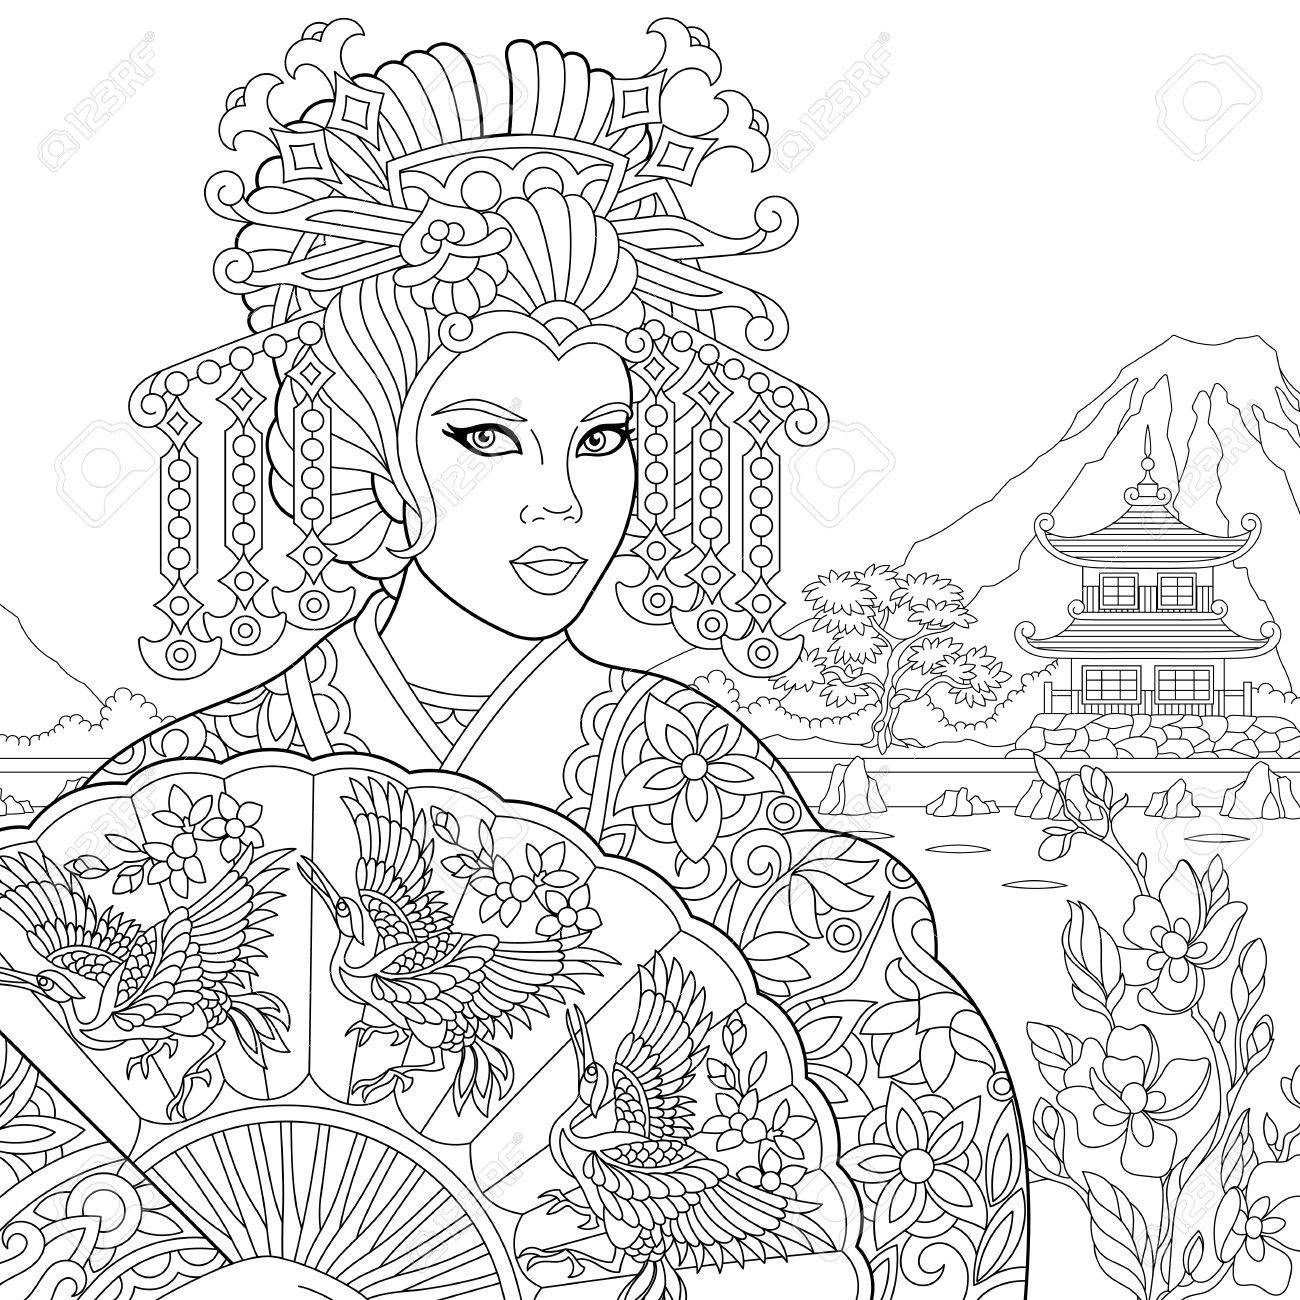 Coloriage Anti Stress Danse.Coloriage De Geisha Actrice De Danse Japonaise Tenant Un Eventail De Papier Avec Des Oiseaux De Grue Dessin De Croquis A Main Levee Pour Livre De